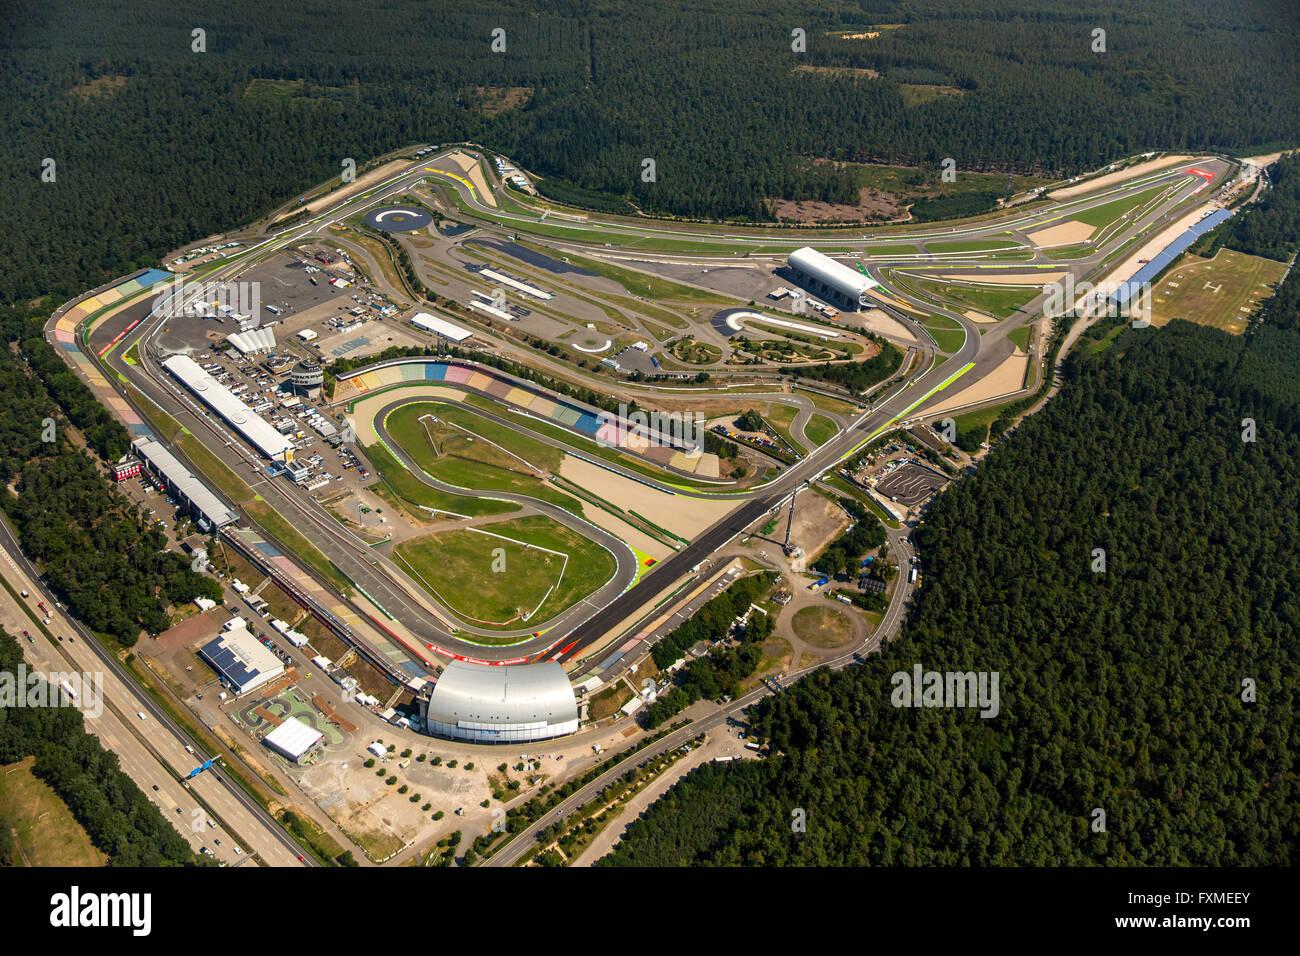 DTM Strecke, Deutschland, Europa, Luftbild, Luftaufnahme, Hockenheimring, früher Hockenheimring, Kurpfalzring, Stockbild